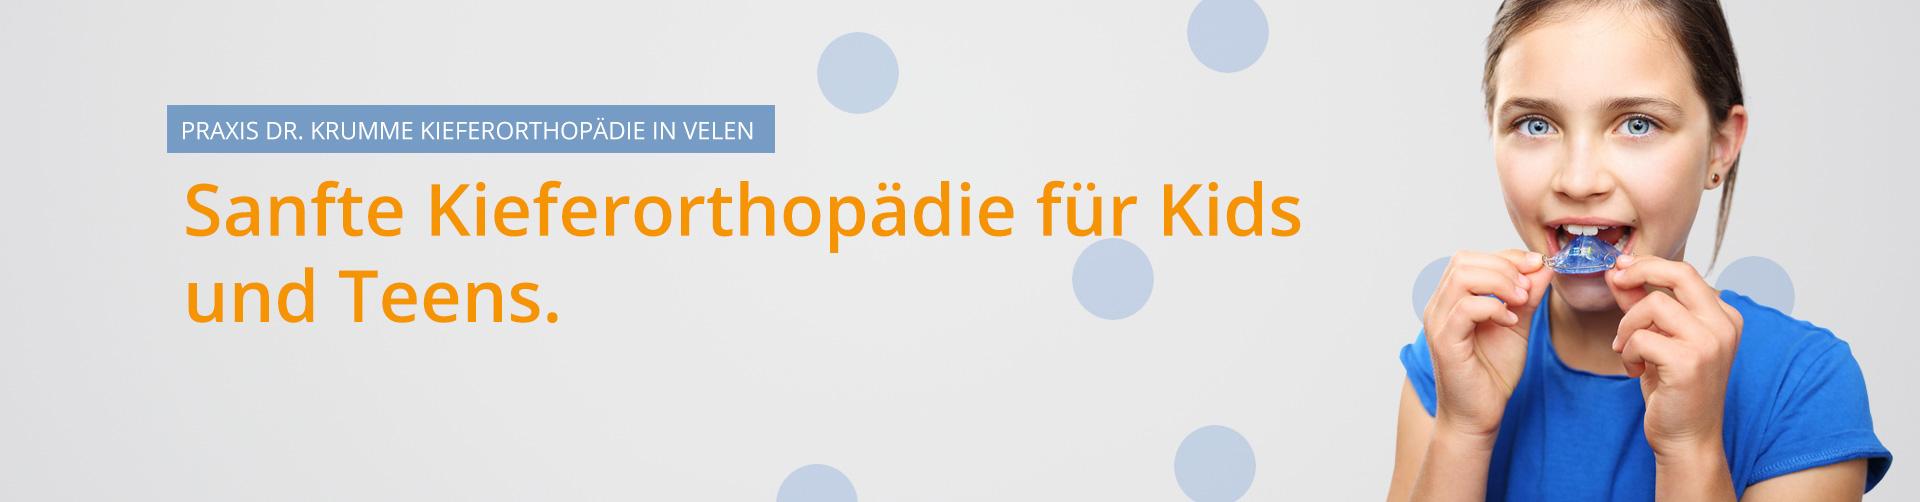 Startseite_Slider_KFO_Kids-und-Teens